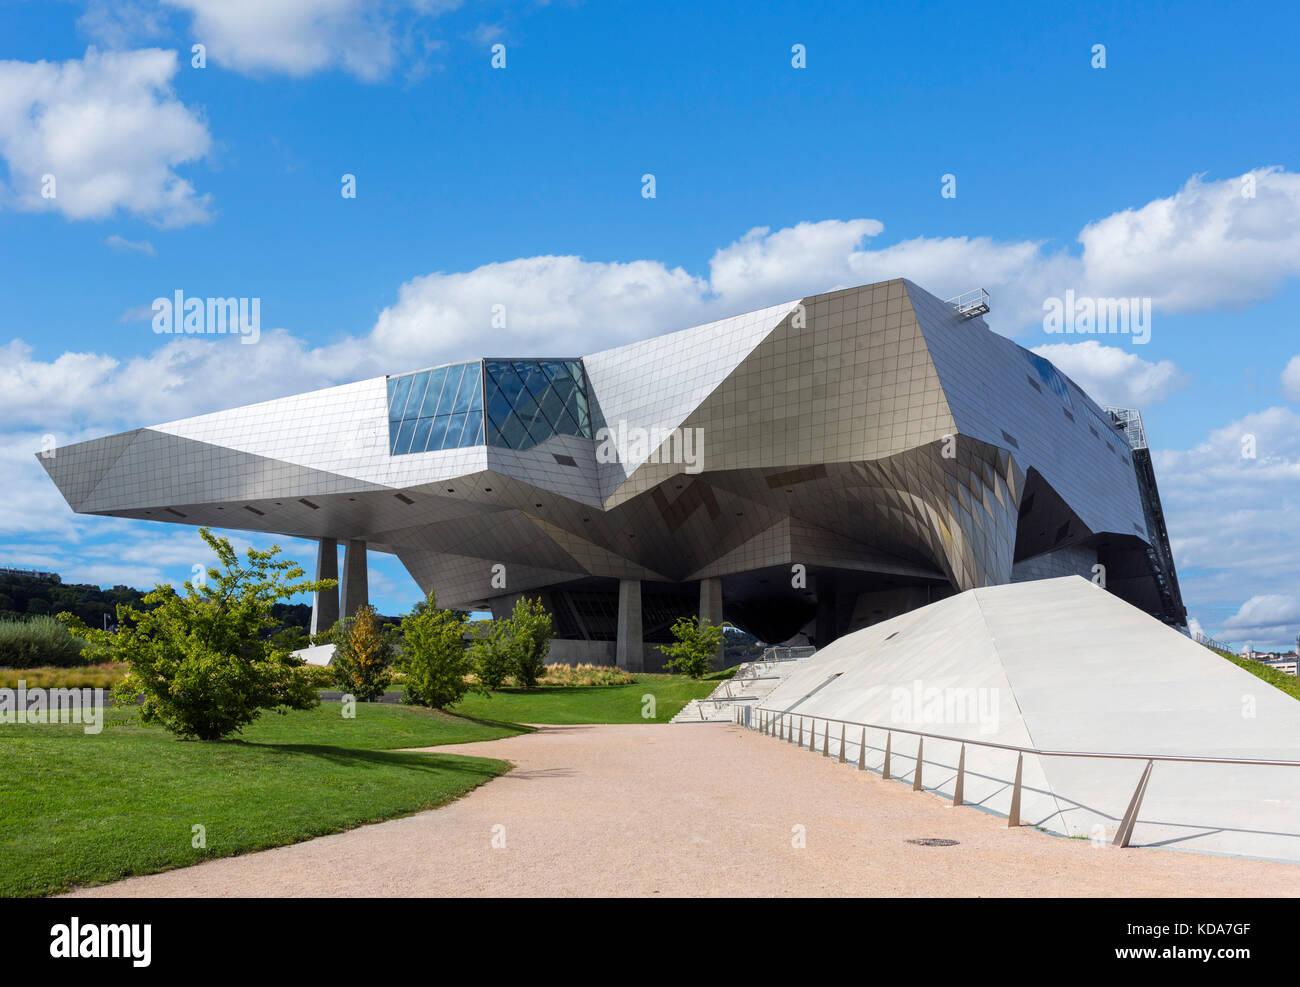 Musee des Confluences, Presqu'Ile, Lyon, Auvergne-Rhone-Alpes, France - Stock Image